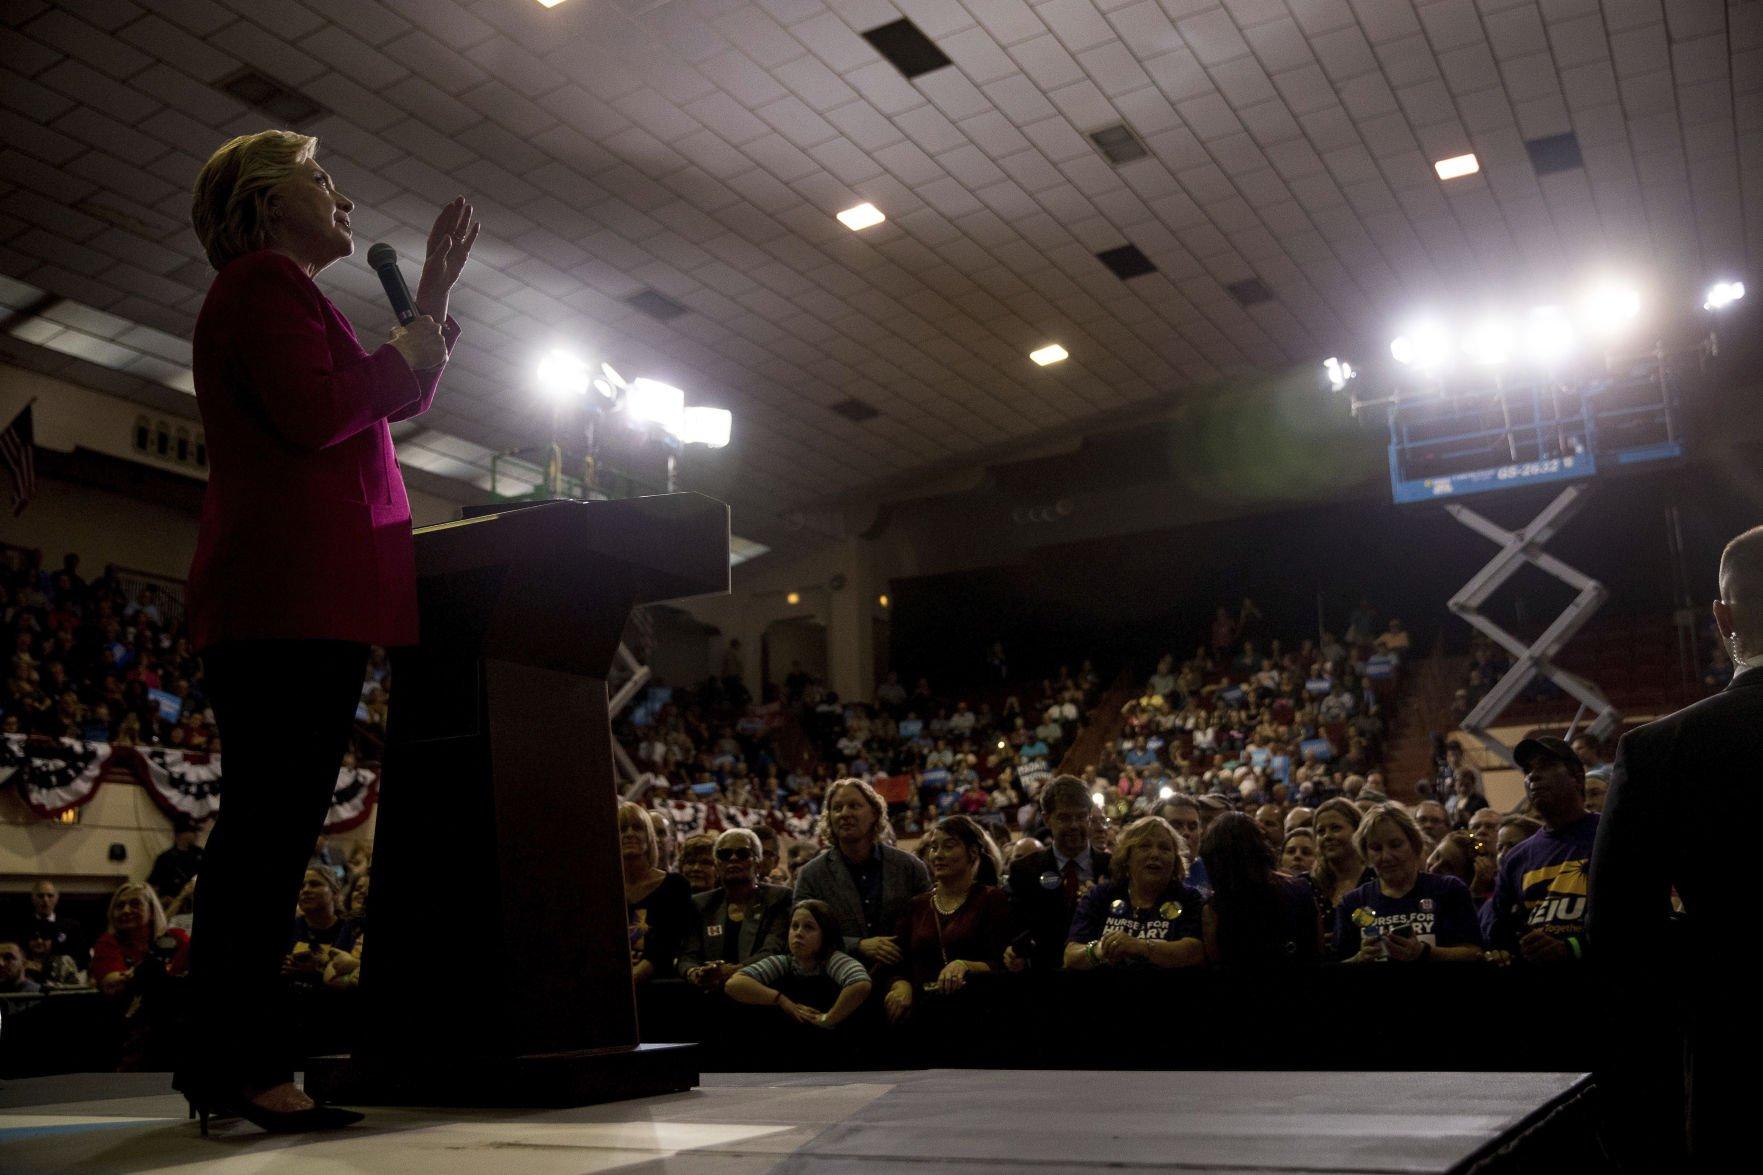 Clinton seeks support from women in suburban Philadelphia